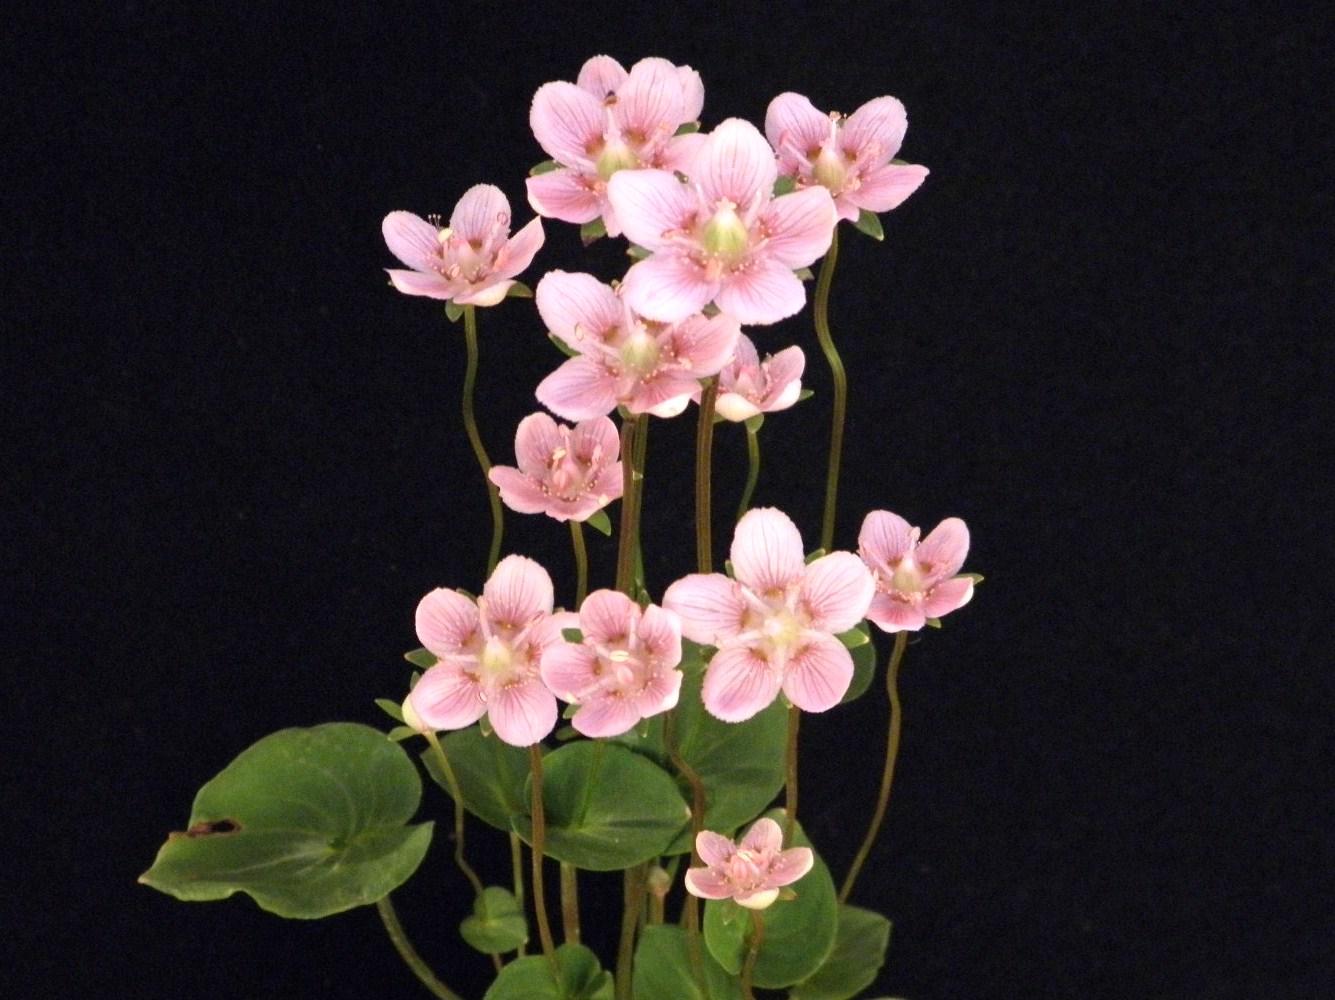 花もかわいい 人気種です 海外 新着セール ウメバチ草桃花開花中苗